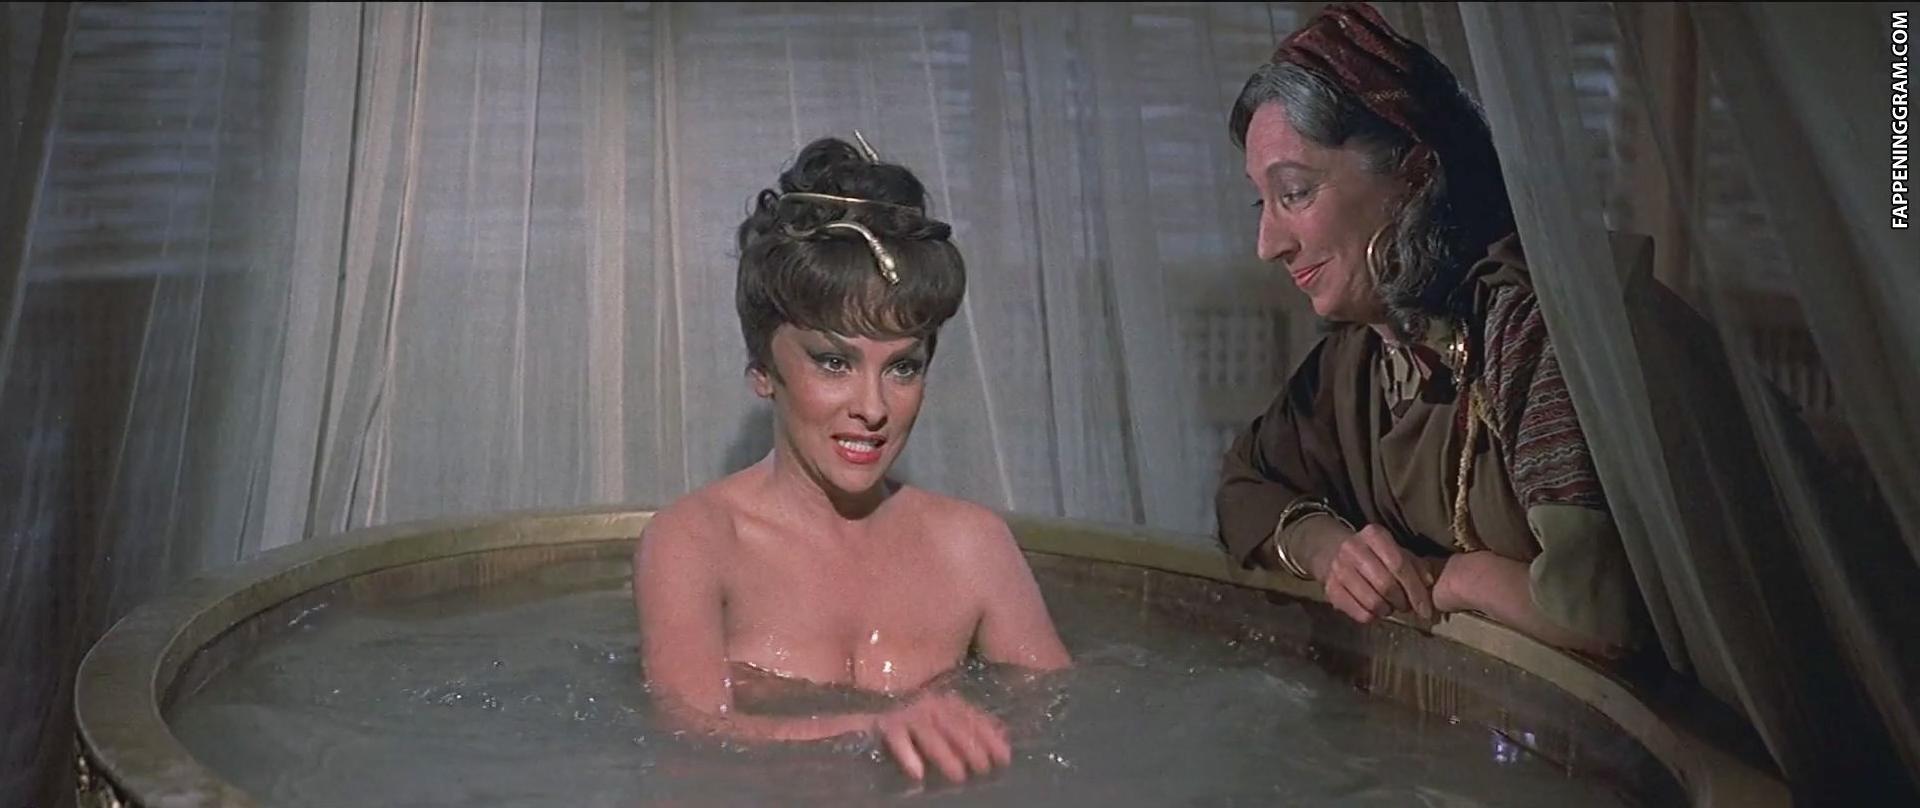 Gina Lollobrigida Nude